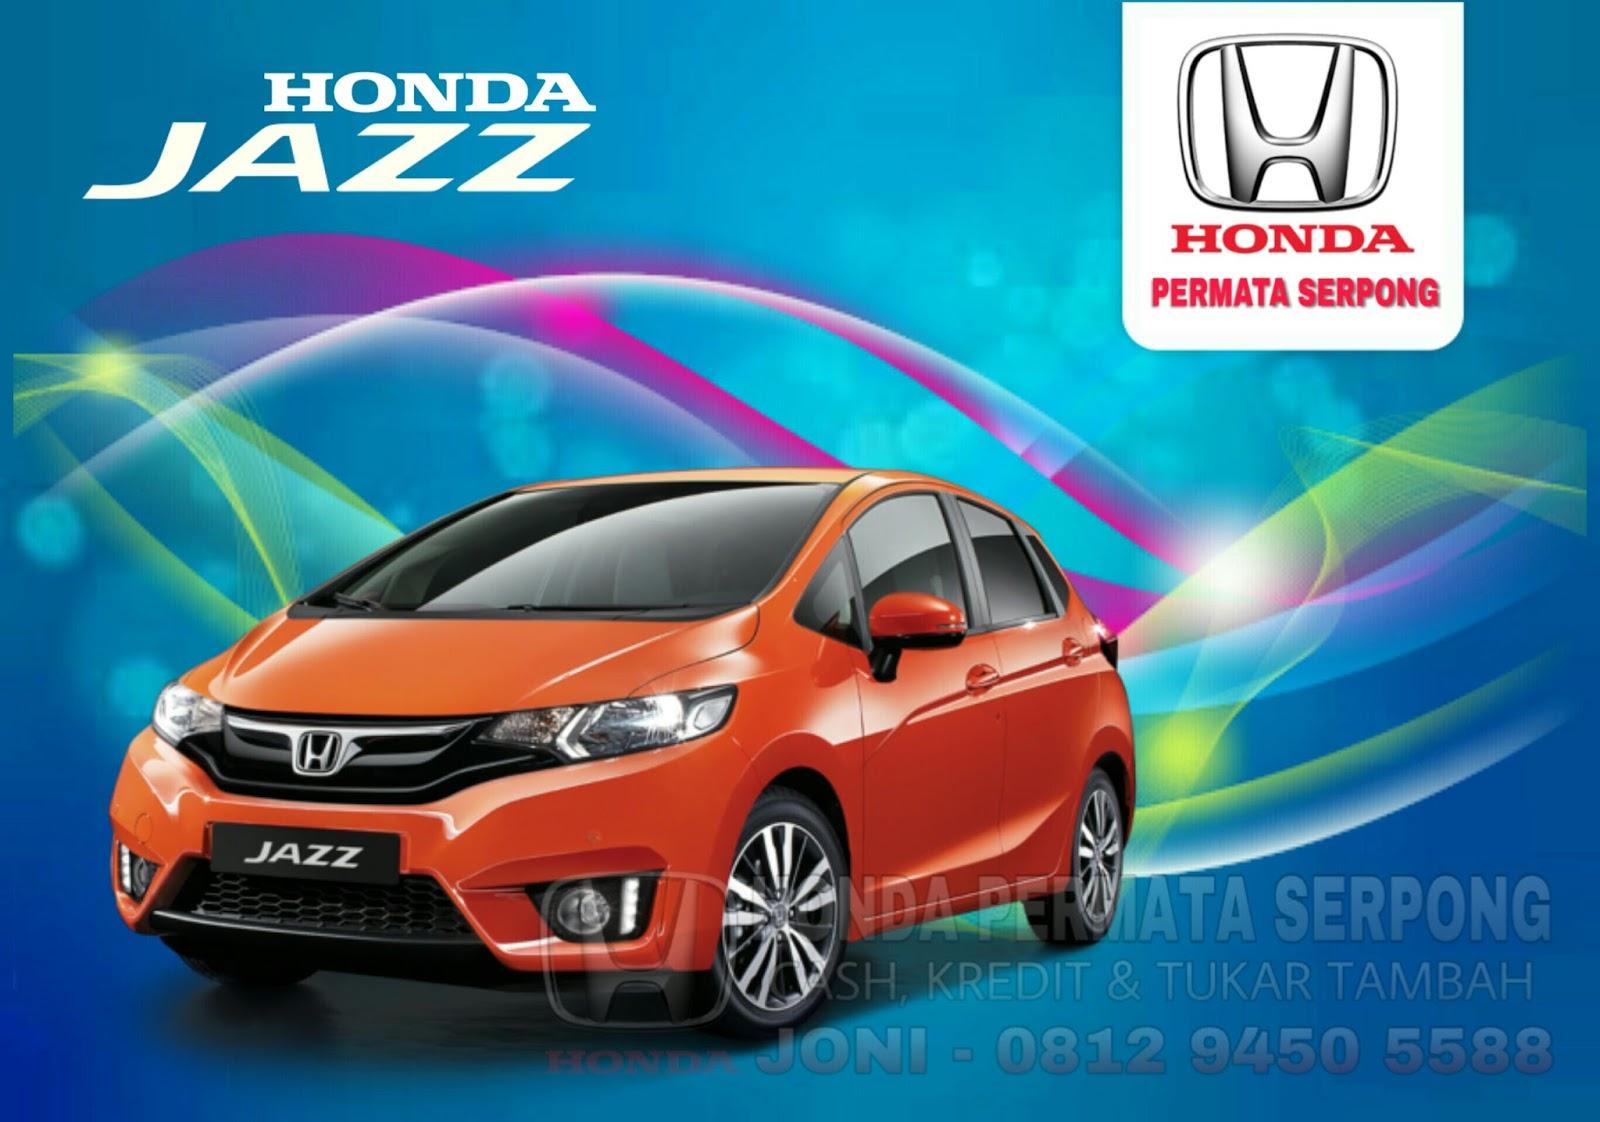 Kekurangan Honda Permata Serpong Top Model Tahun Ini